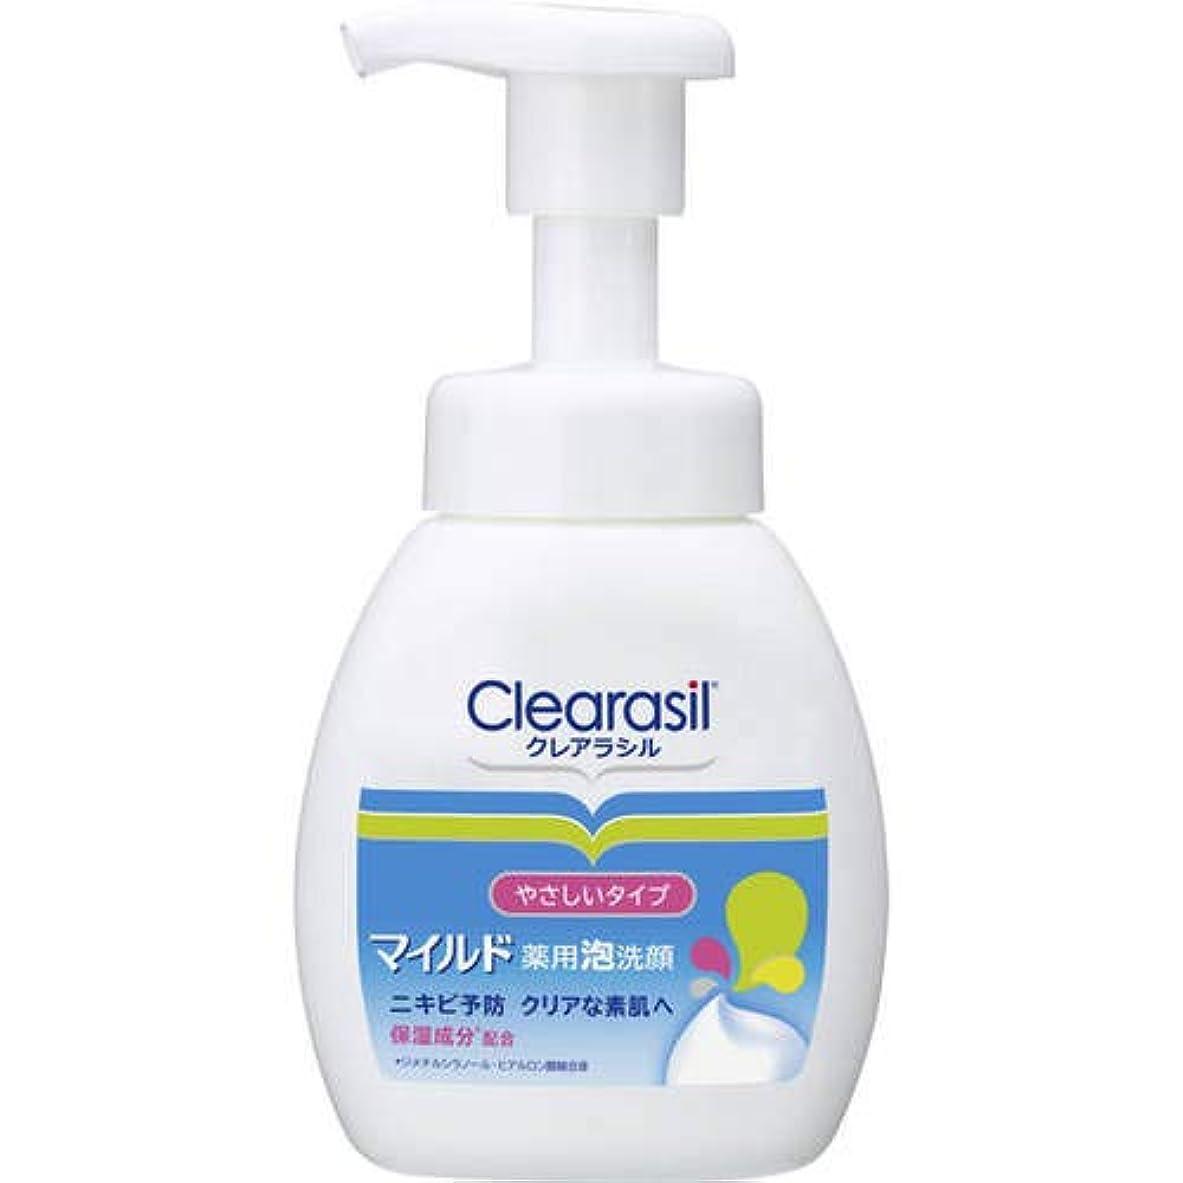 シャベル乳製品解体するクレアラシル 薬用 泡洗顔フォーム マイルドタイプ 200ml